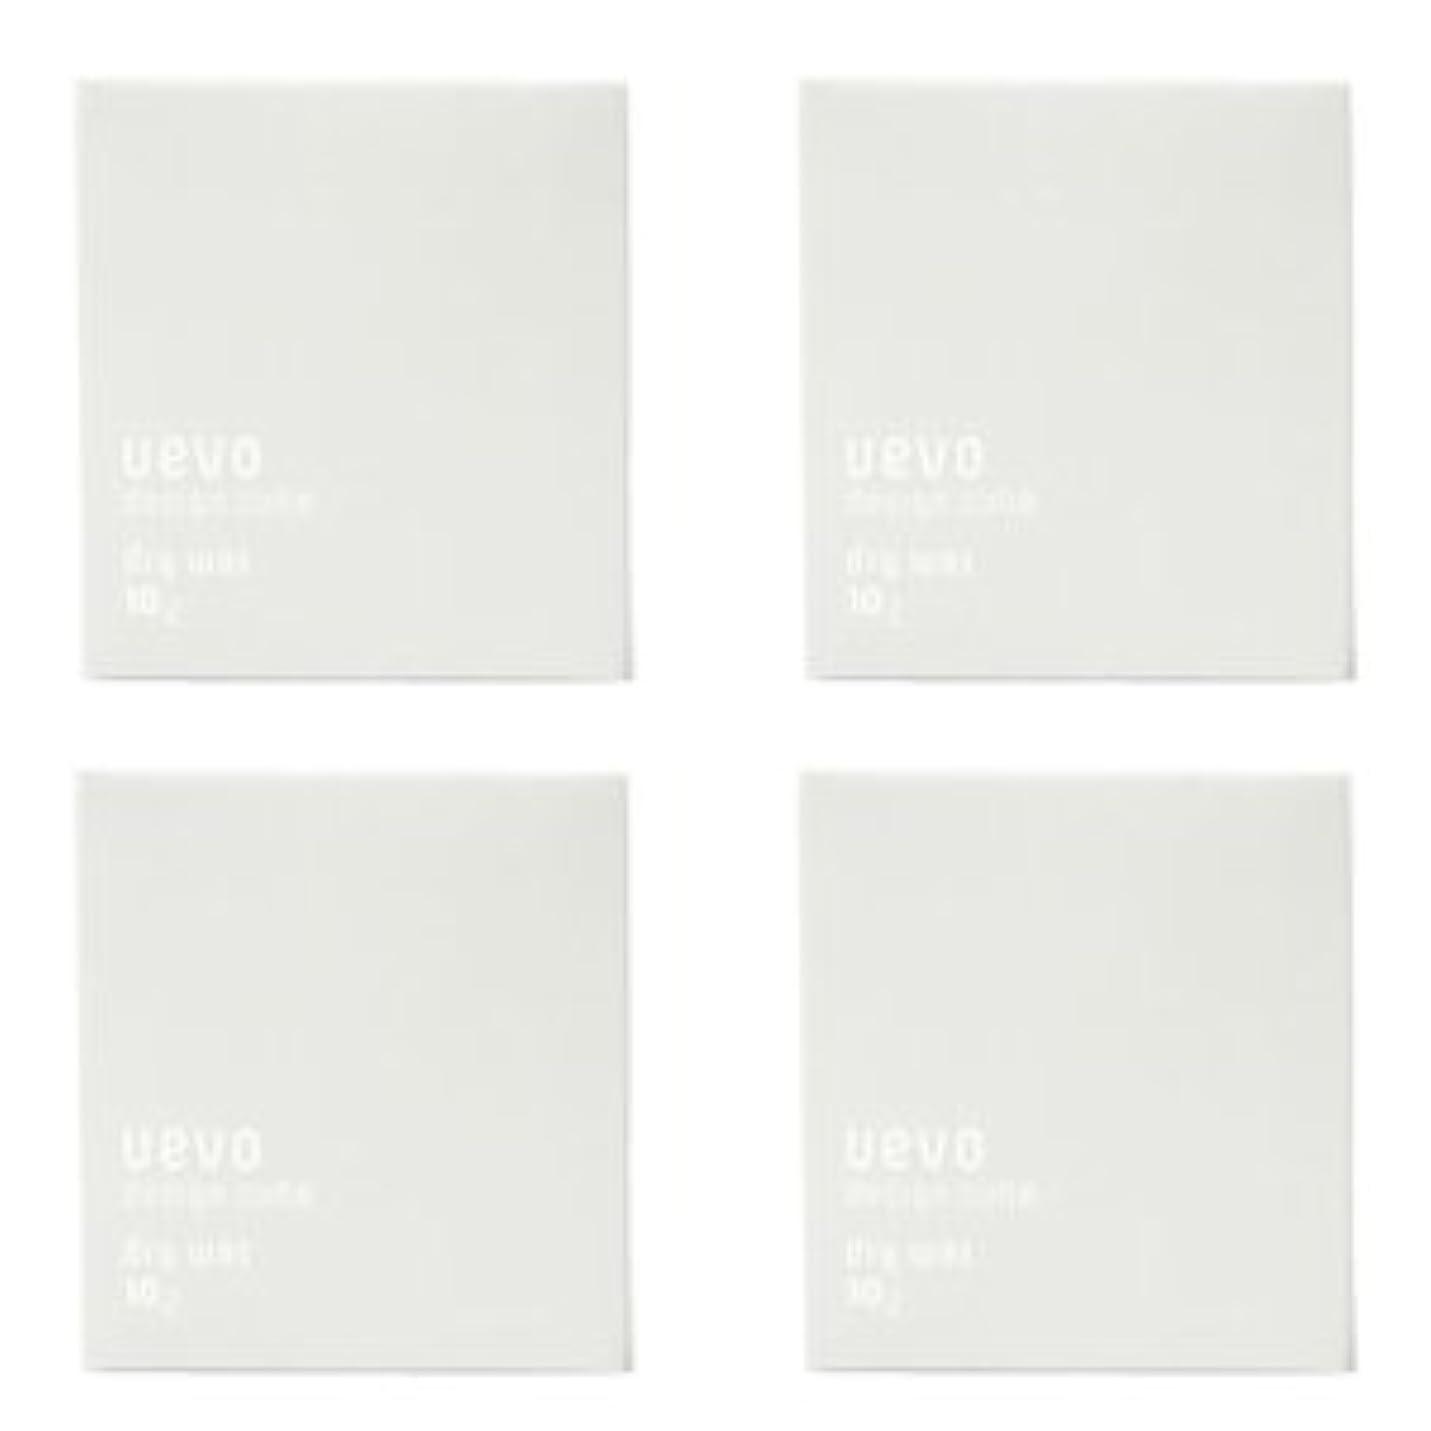 明日プレビュー偶然【X4個セット】 デミ ウェーボ デザインキューブ ドライワックス 80g dry wax